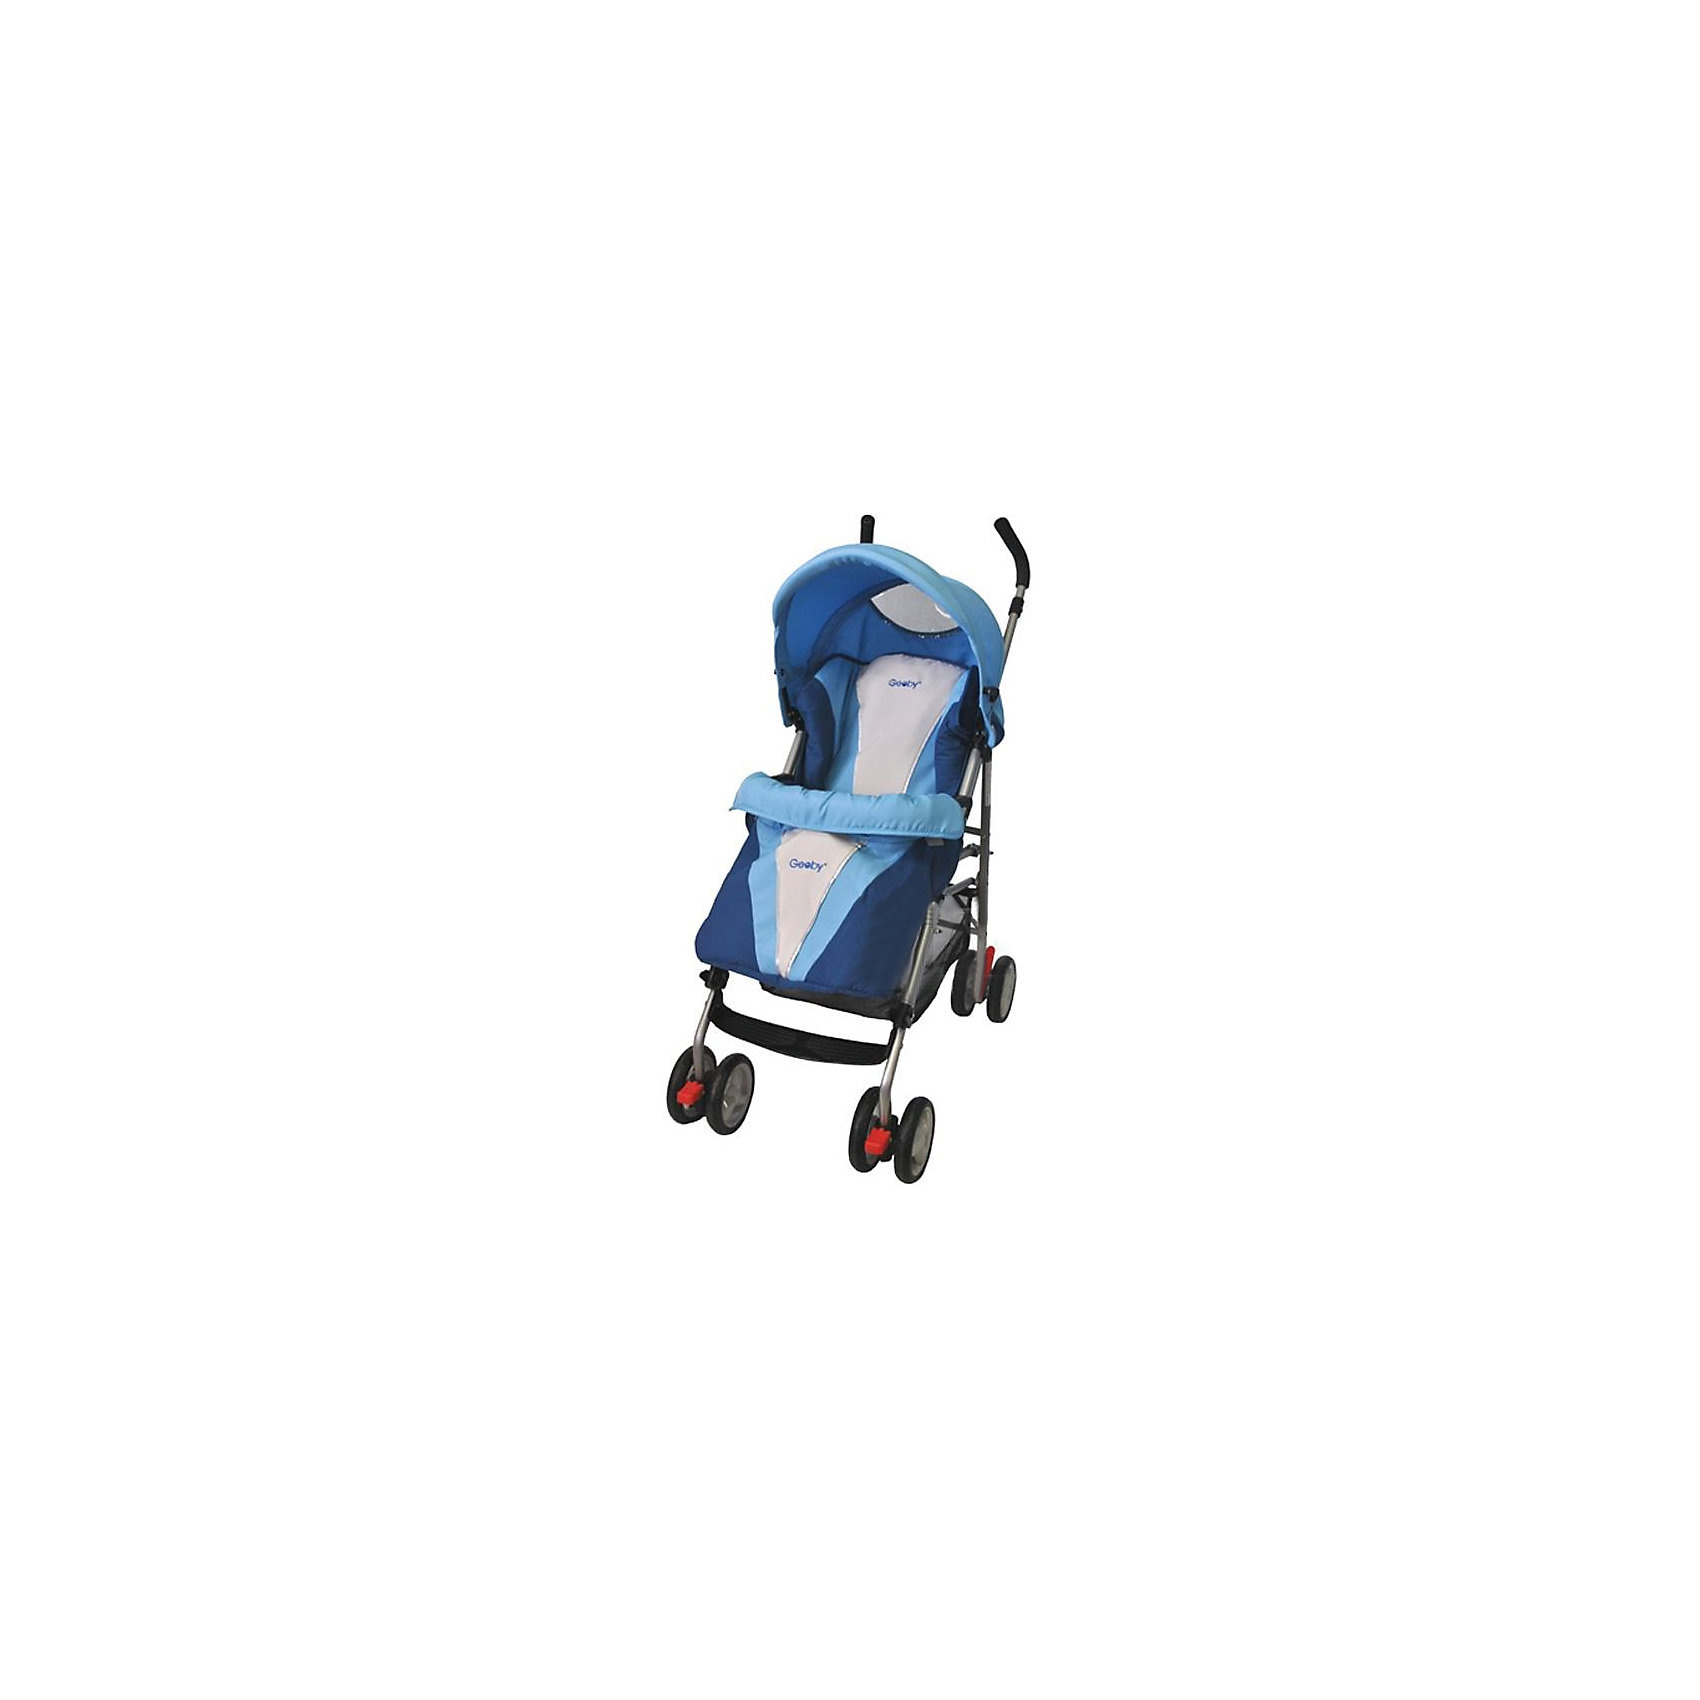 Коляска-трость 05D388W-F, Geoby, синийПрогулочная коляска D388W-F - отличный вариант для активных мам и малышей, она легкая, маневренная и в тоже время вместительная и уютная. Чехол для ножек и большой капюшон со смотровым окном обеспечат малышу тепло во время прогулок. Двойные поворотные колеса делают коляску маневренной и легкой в управлении. В случае необходимости колеса можно закрепить фиксатором. Трехточечные ремни безопасности и съемный мягкий поручень позволят маме расслабиться и не волноваться о малыше, ведь его безопасность под контролем надежной системы защиты.<br><br>Дополнительная информация:<br><br>Плавное регулирование спинки до положения лежа.<br>Жесткая спинка с мягкой набивкой.<br>Утепленный чехол на ножки.<br>Передние плавающие колеса с фиксатором.<br>3-х точечный ремень безопасности.<br>Съемное ограничительный бампер.<br>Увеличенный тент со смотровым окном.<br>Вместительная багажная корзина.<br>Размер коляски:<br>В сложенном виде, В/Ш/Д - 105/47/85 см.<br>Диаметр колёс – 15,5 см.<br>В комплекте: москитная сетка, дождевик, полог.<br><br>Коляску-трость 05D388W-F, Geoby, синий можно купить в нашем магазине.<br><br>Ширина мм: 295<br>Глубина мм: 275<br>Высота мм: 1090<br>Вес г: 10200<br>Цвет: синий<br>Возраст от месяцев: 6<br>Возраст до месяцев: 36<br>Пол: Мужской<br>Возраст: Детский<br>SKU: 4640326